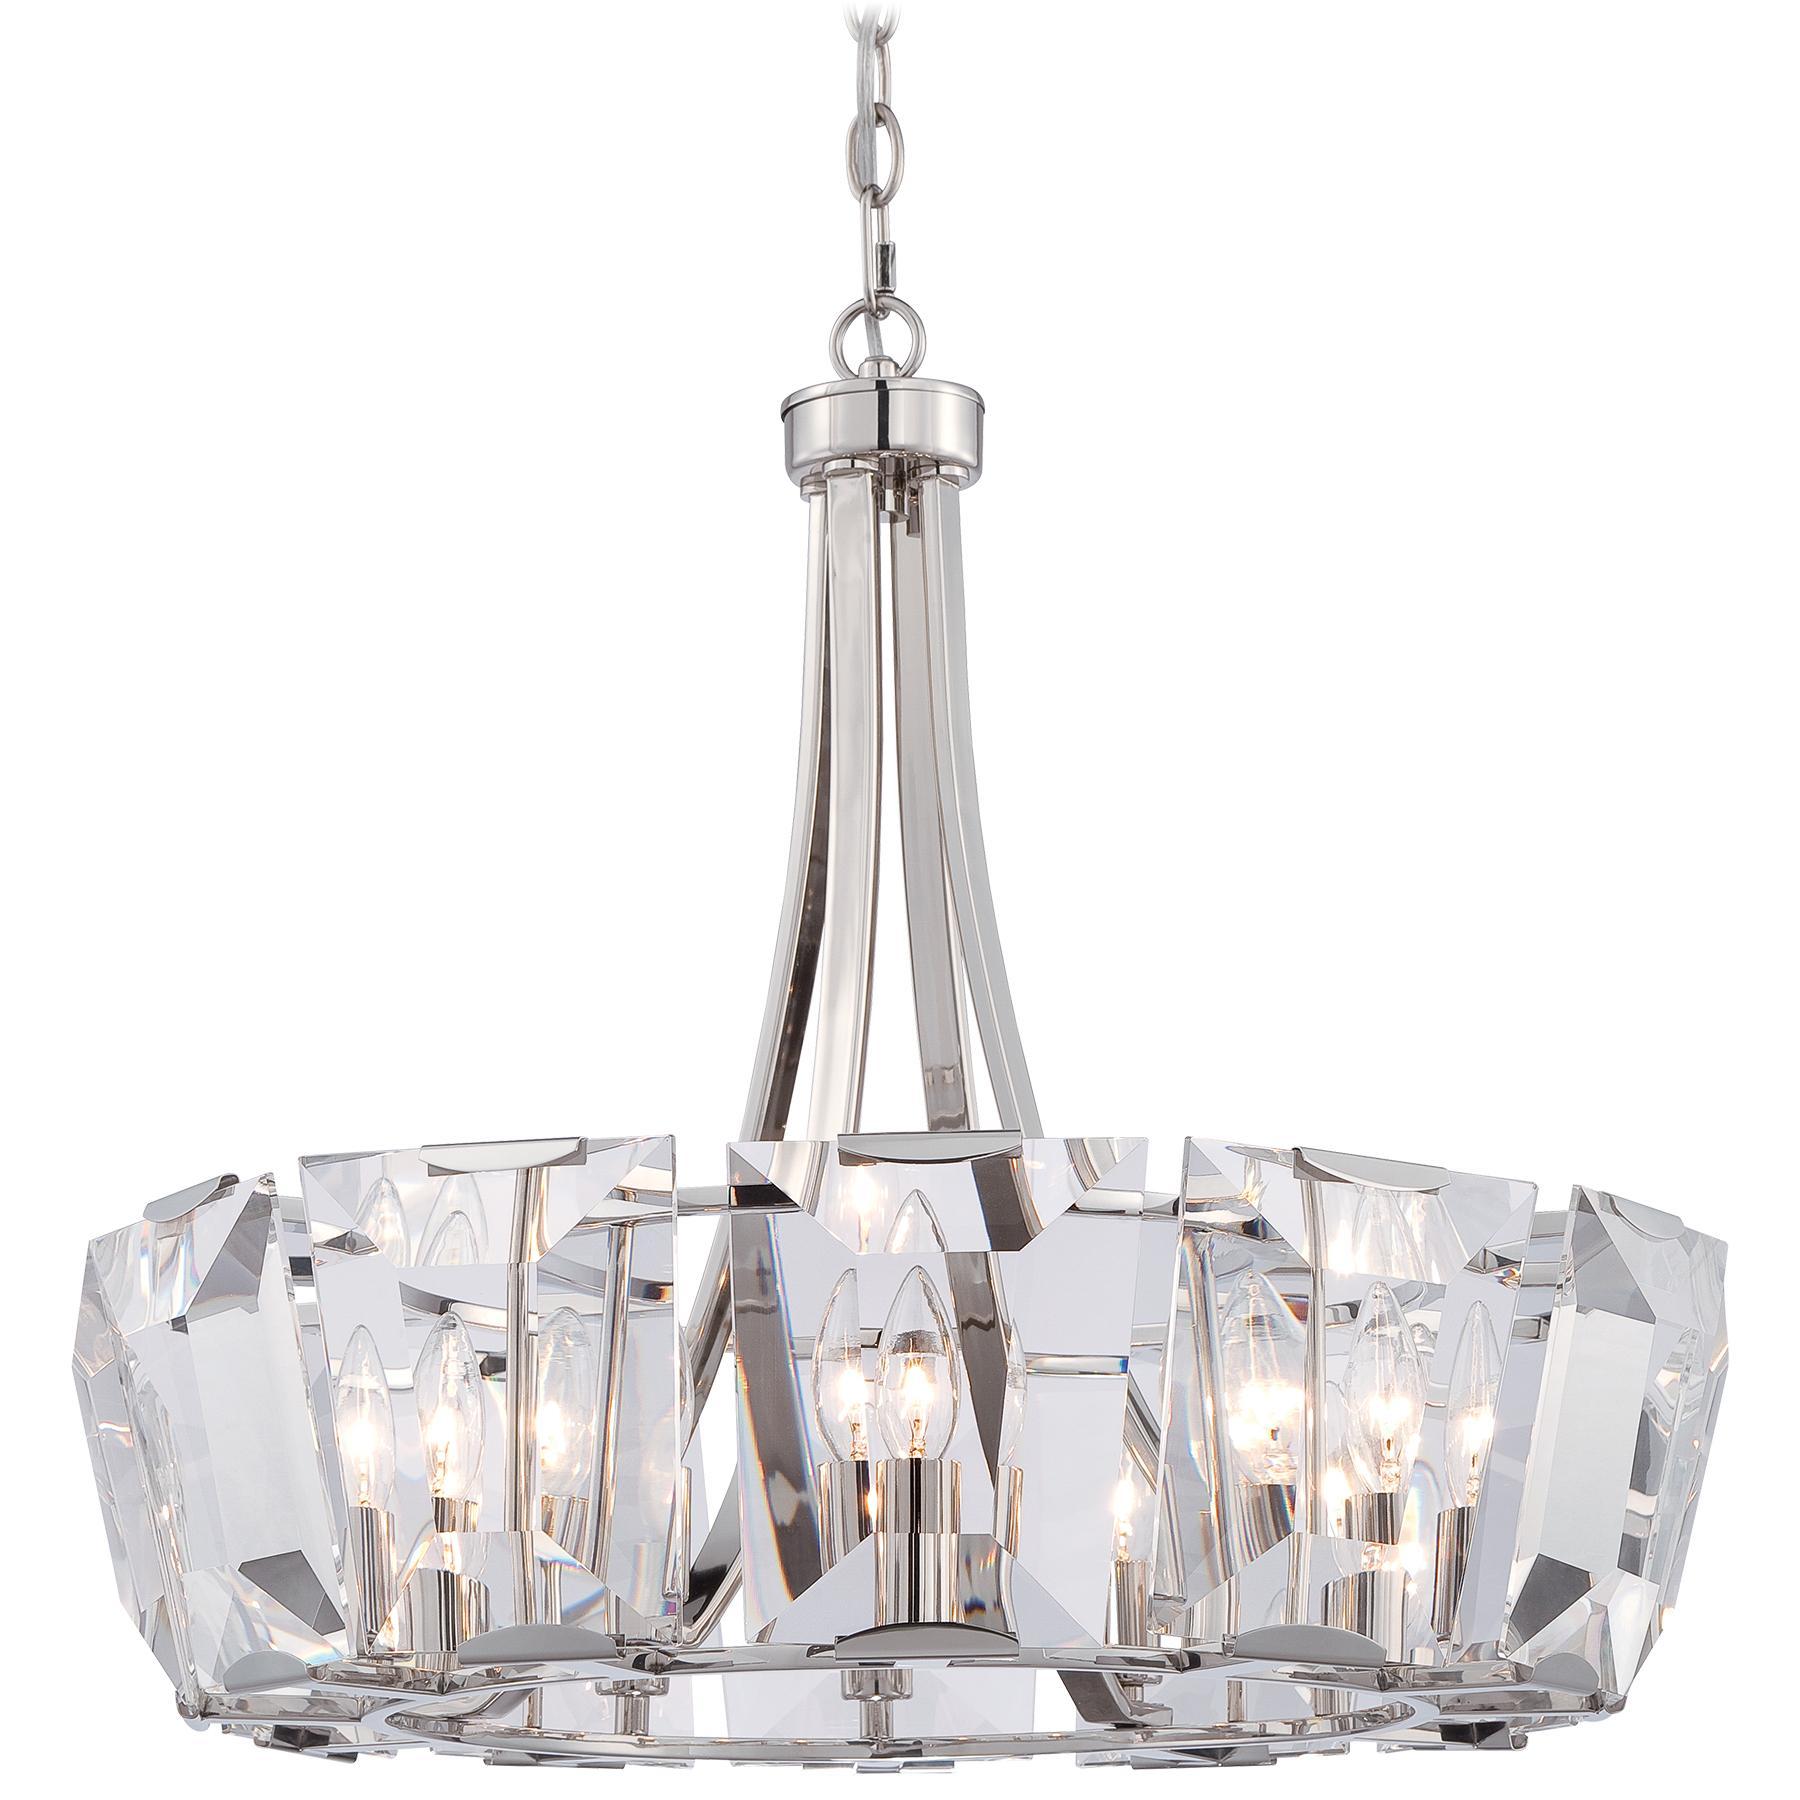 Aurora pendant by metropolitan lighting n6982 613 castle aurora pendant by metropolitan lighting n6982 613 arubaitofo Gallery